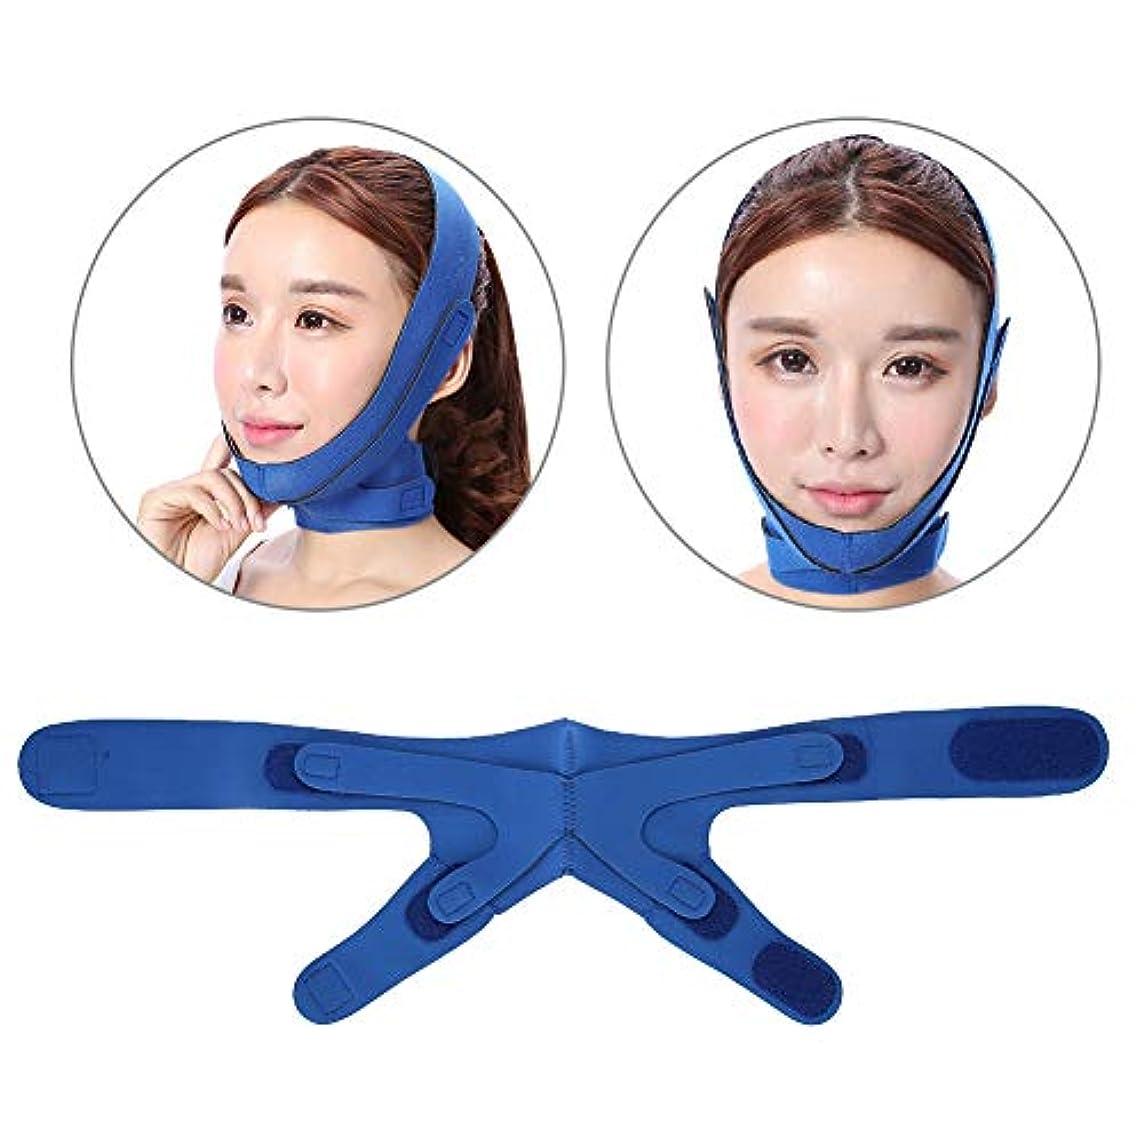 賢明なシャットバックVラインバンド首の圧縮の表面、反二重あごの 引き締まった肌の革紐の調節可能な引き締めの表面スキンケアの持ち上がる覆いのための持ち上がる表面ベルトの顔の細くのあごのマスク